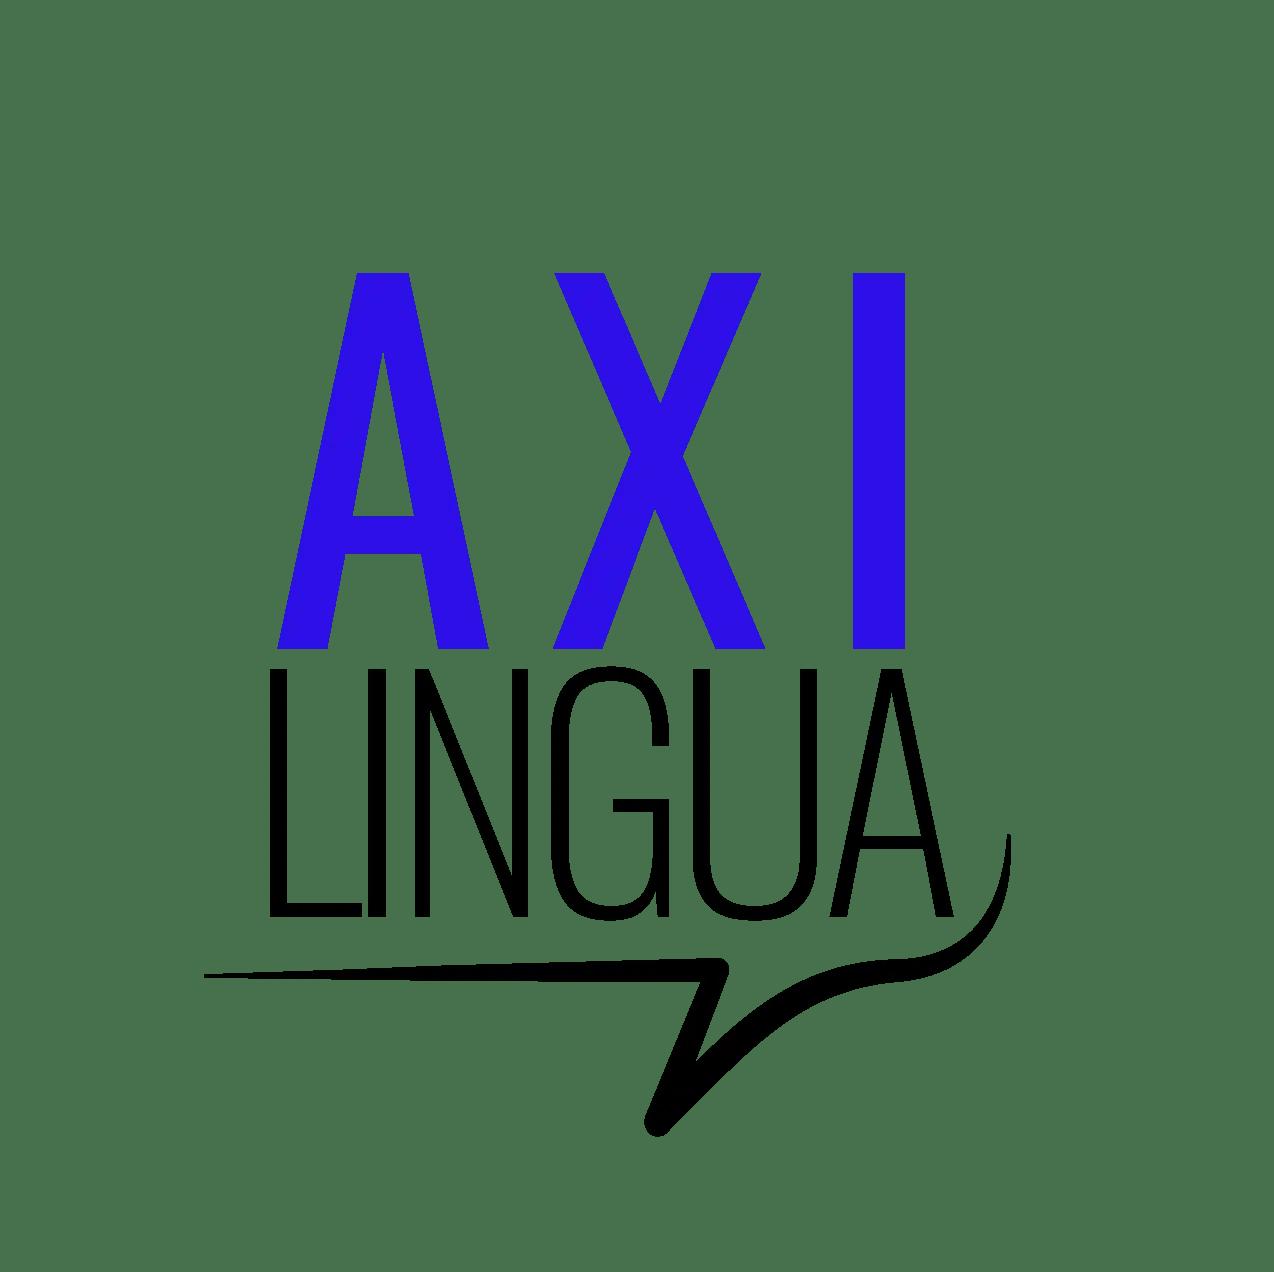 Axilingua